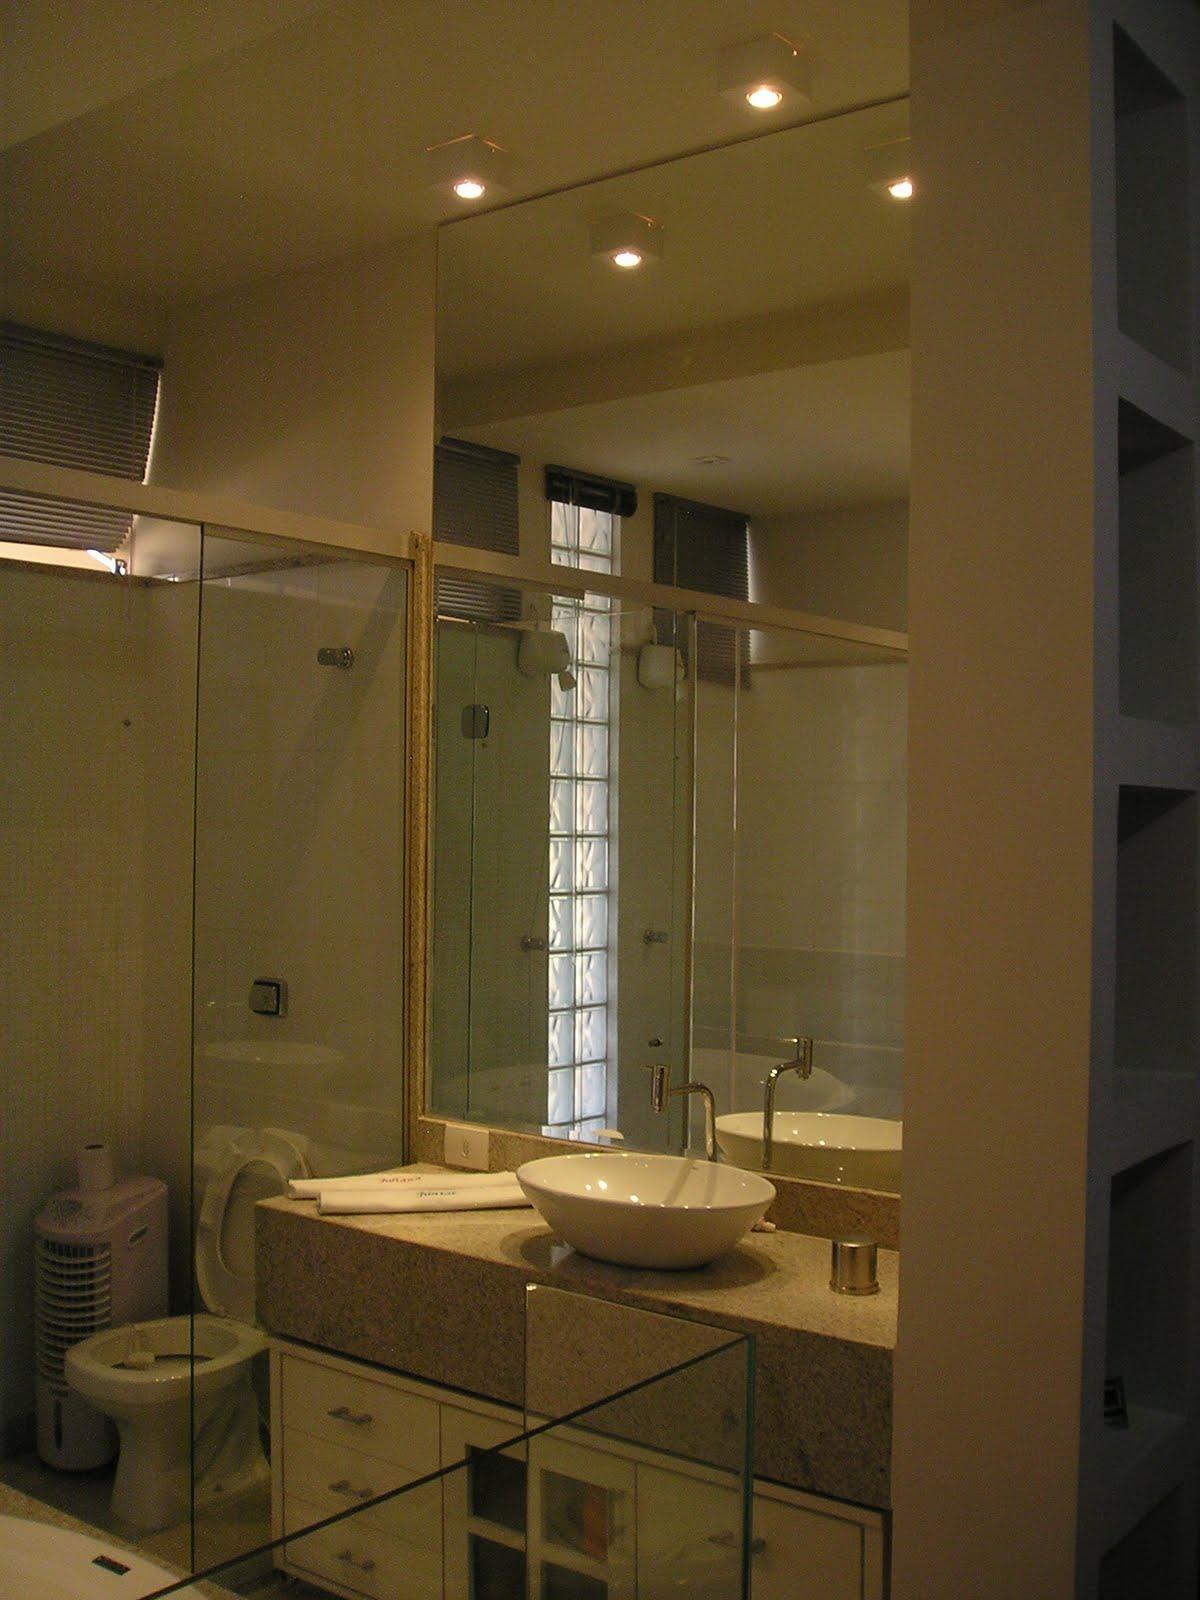 Restauro Decoração Paisagismo: Confira Projeto Banheiro Suite #927339 1200 1600